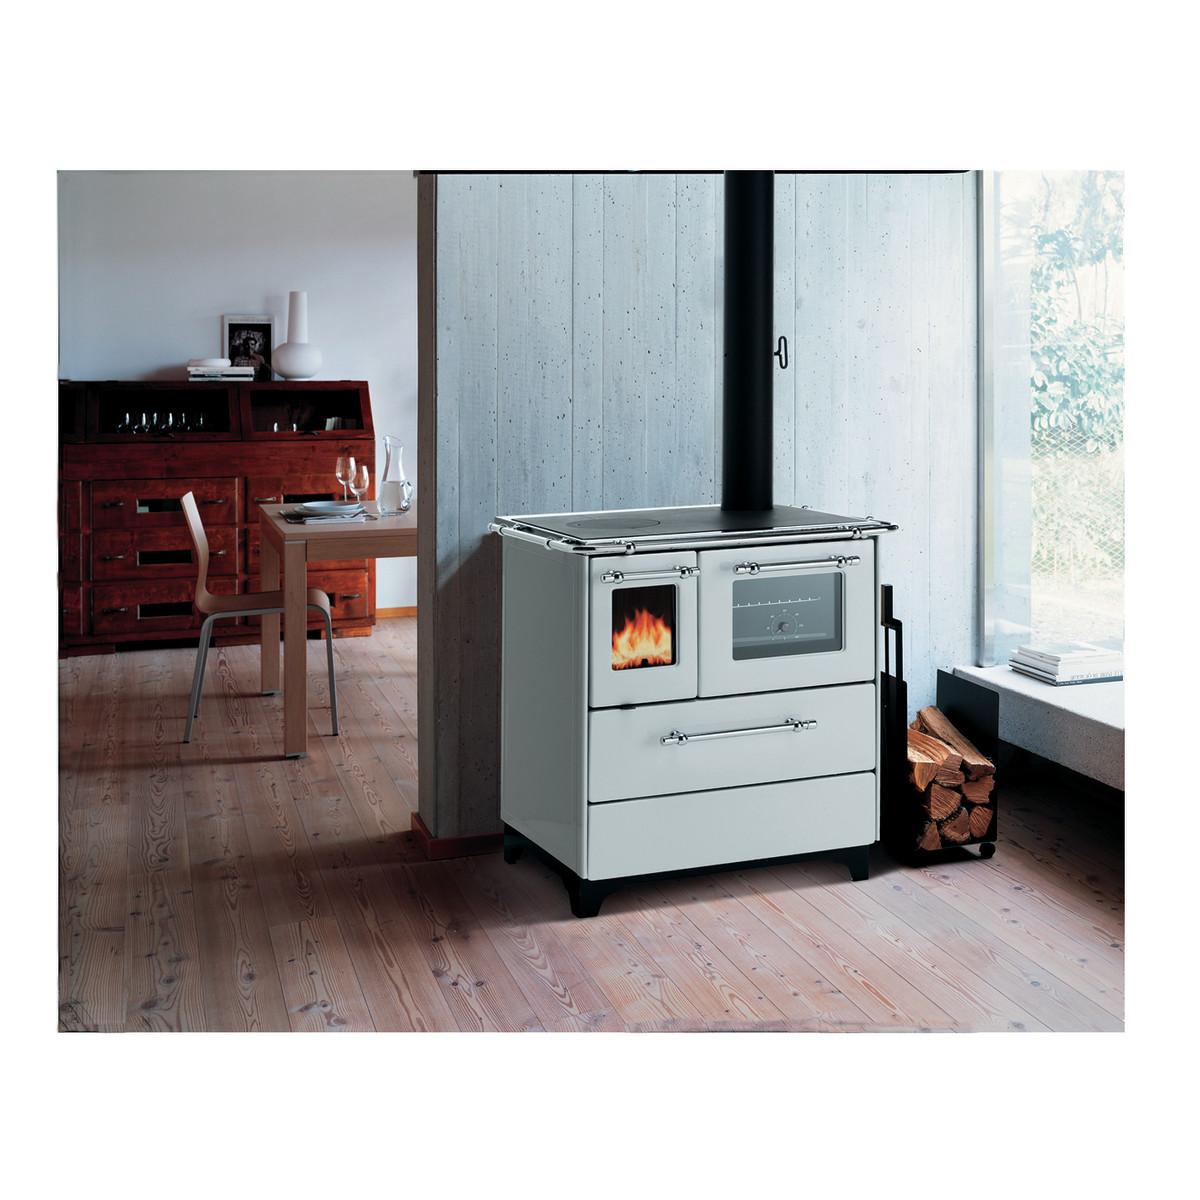 Vigor cucine royal legna mod gaia bianco prezzo e offerte sottocosto - Cucine a legna palazzetti ...